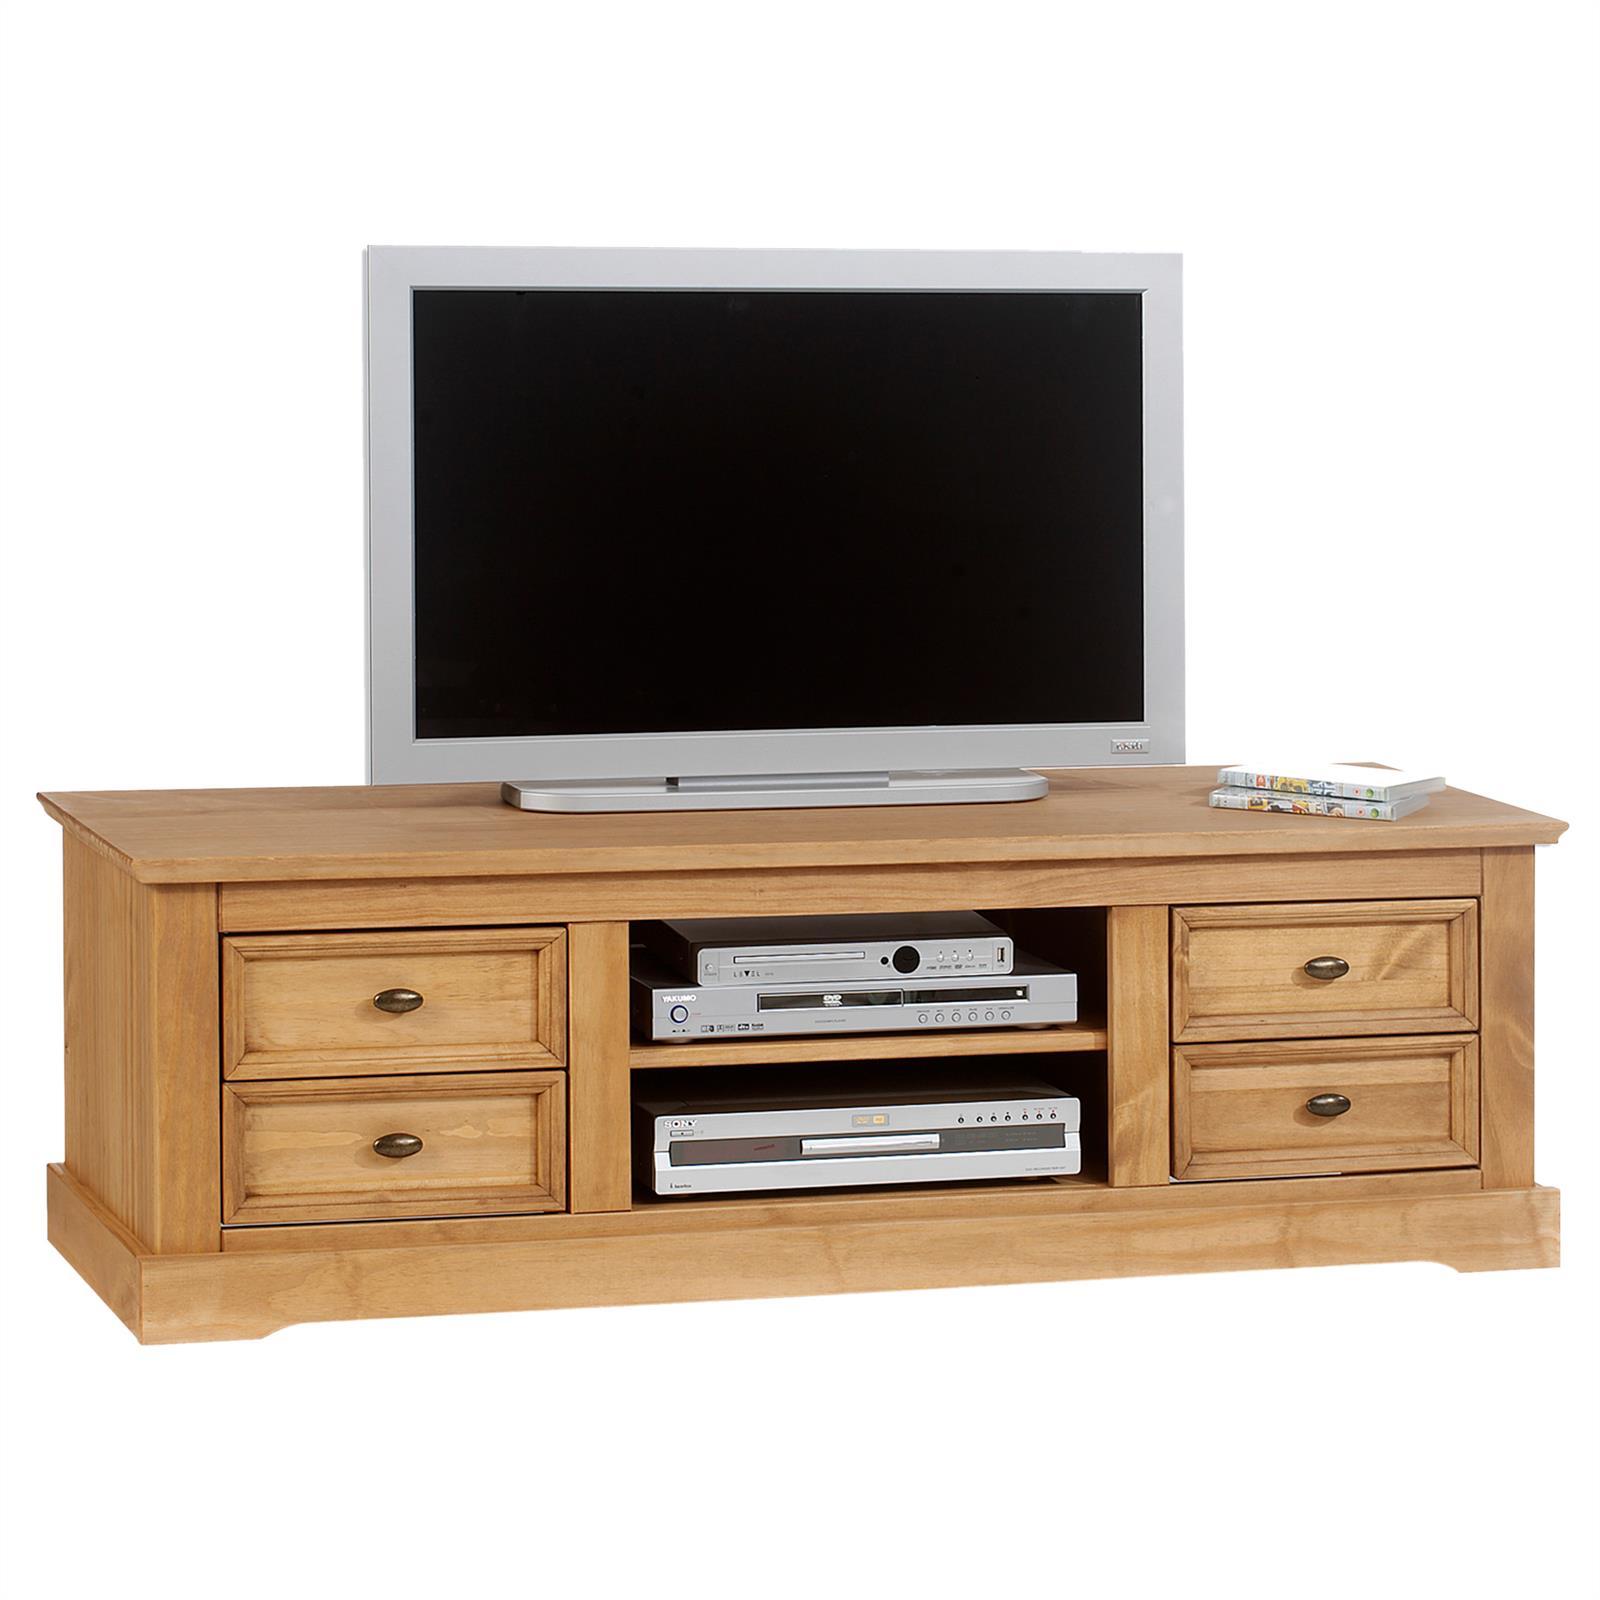 Meuble tv en pin kent finition cir e mobil meubles for Finition meuble